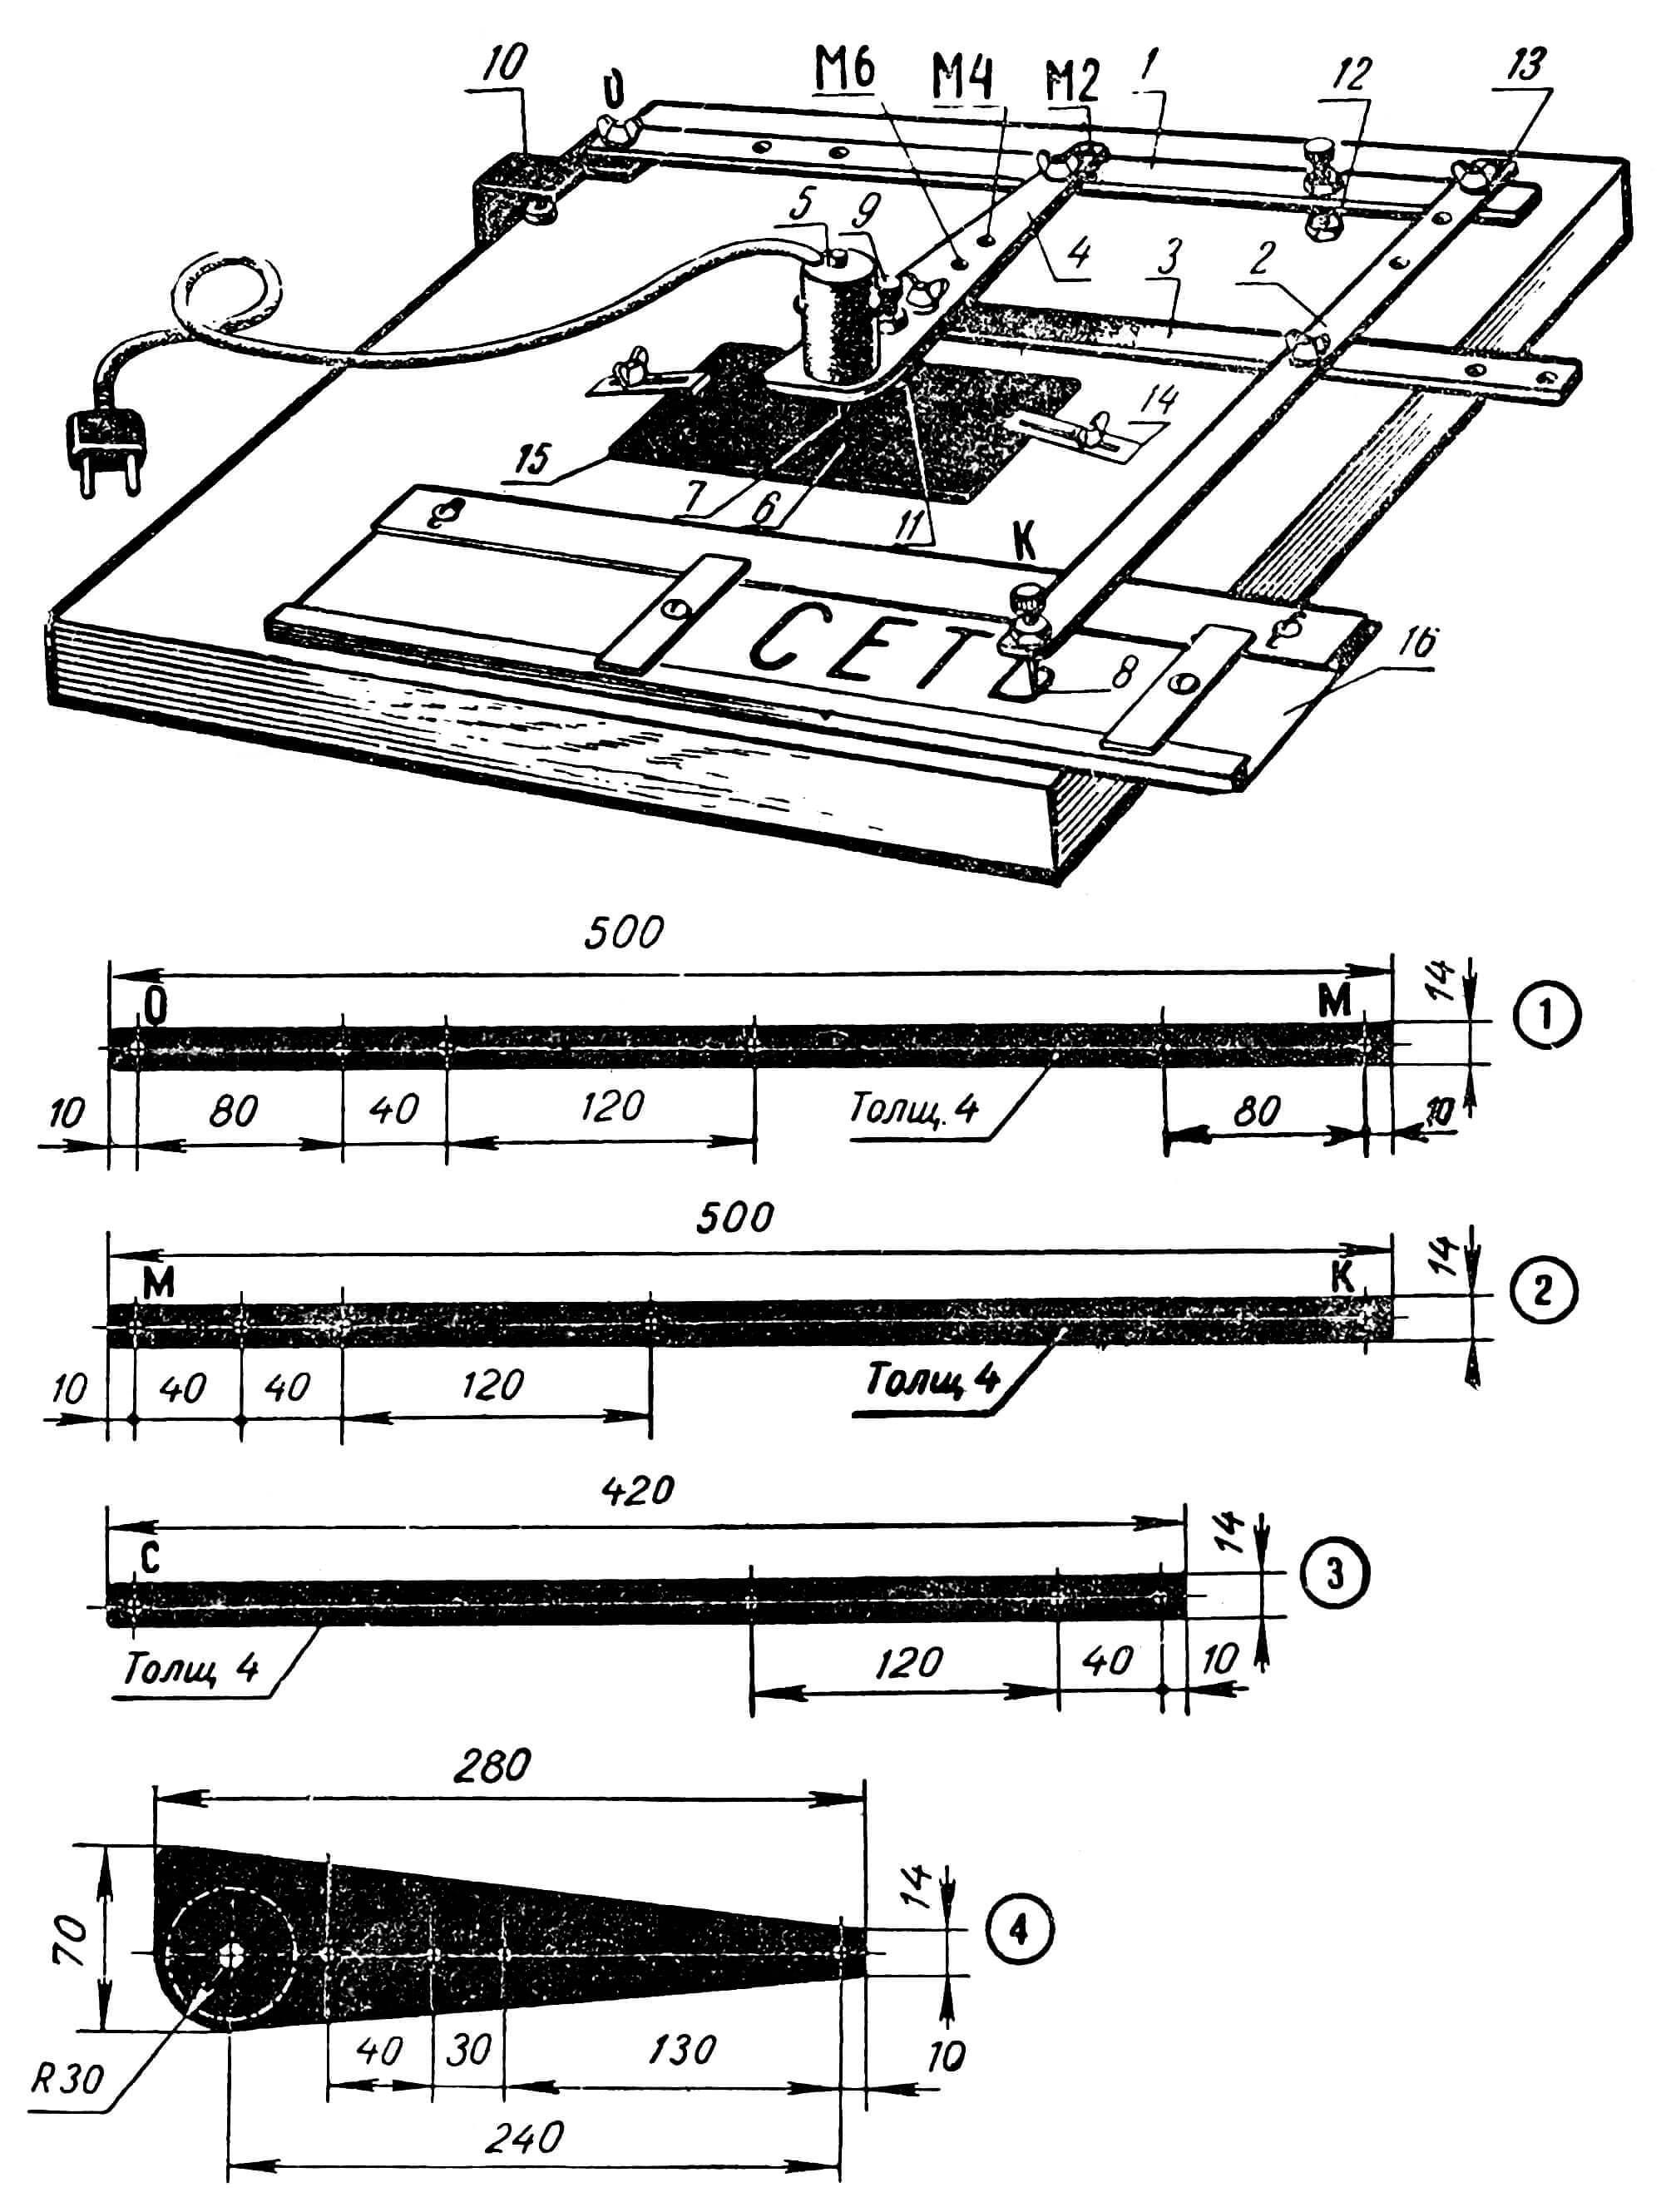 Общий вид прибора и некоторые детали: 1, 2. 3, 4 — рычаги; 5 — электродвигатель; 6 — резец; 7 — крепежный винт; 8 — копир; 9 — контргайка; 10 — струбцина; 11, 12 — упоры; 13 — шарнир; 14 — накладки; 15 — изделие; 16 — кассета.